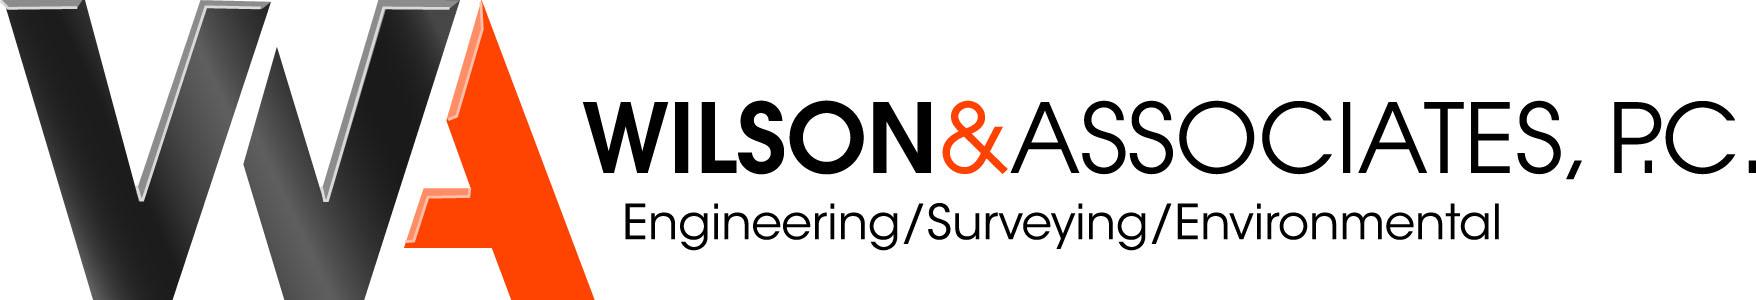 Wilson Logo (https://wilsonpc.com/)